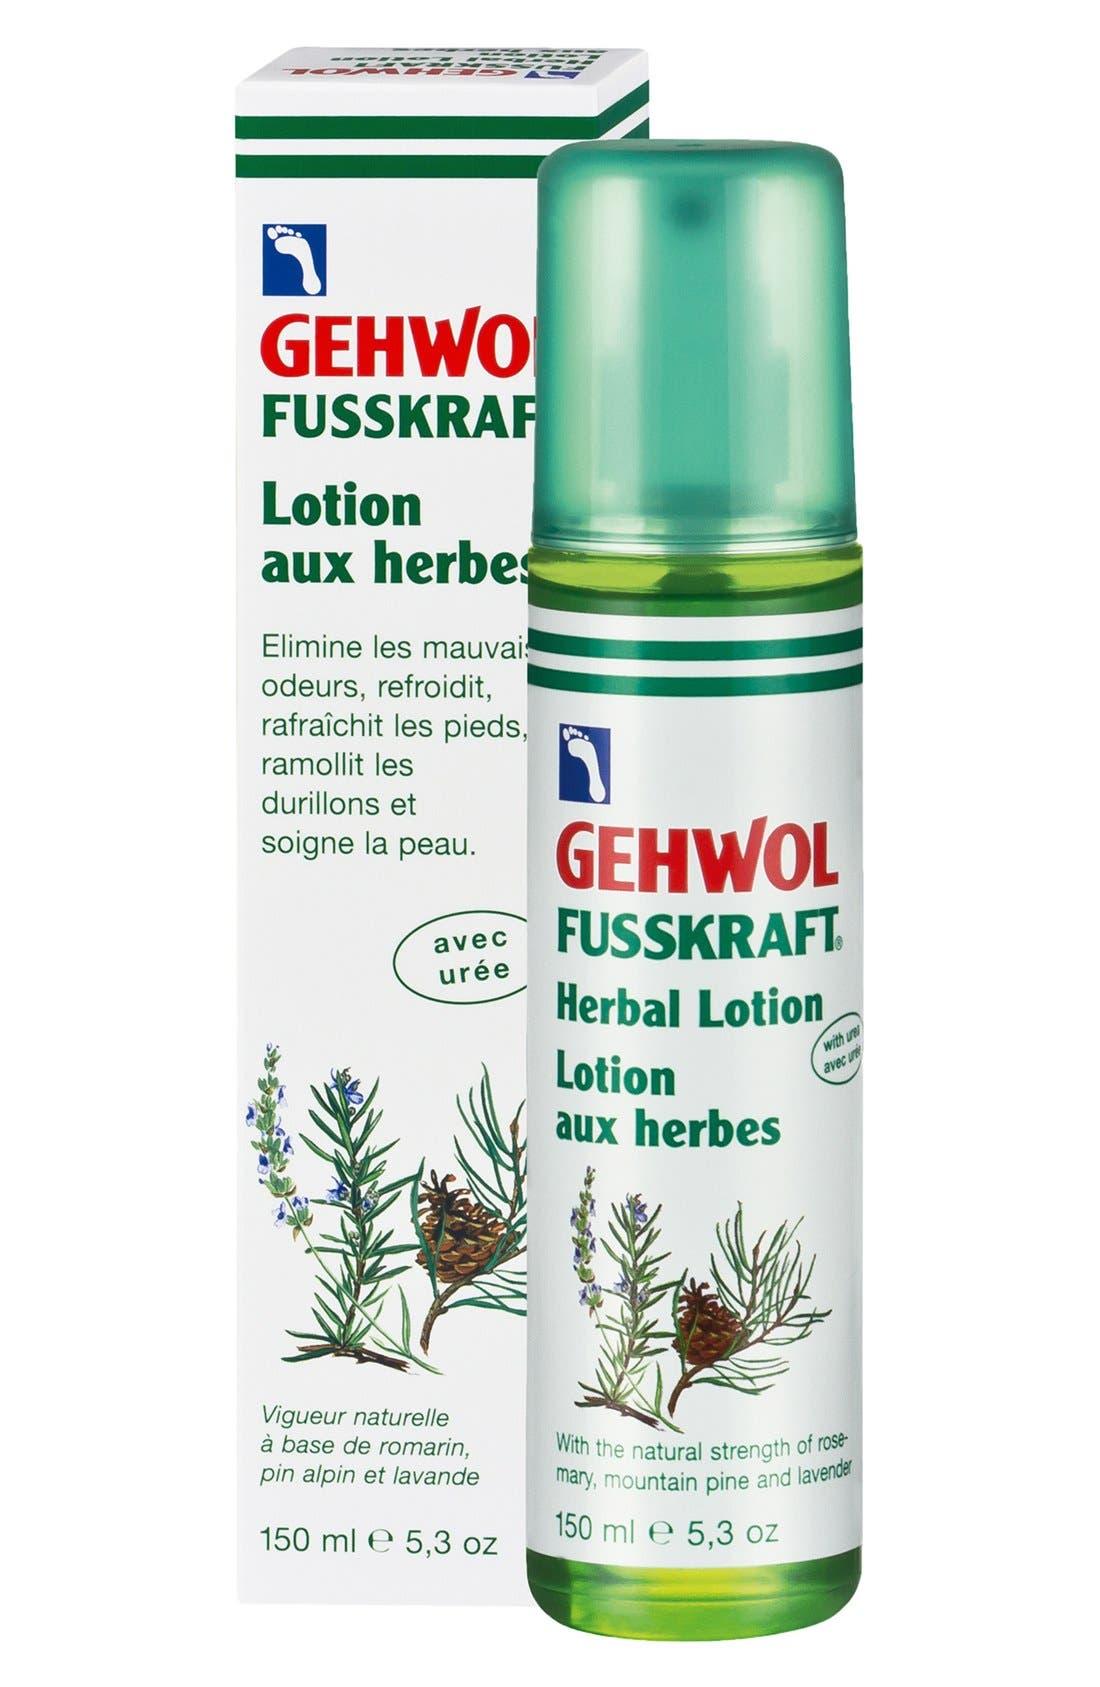 GEHWOL® FUSSKRAFT® Herbal Lotion